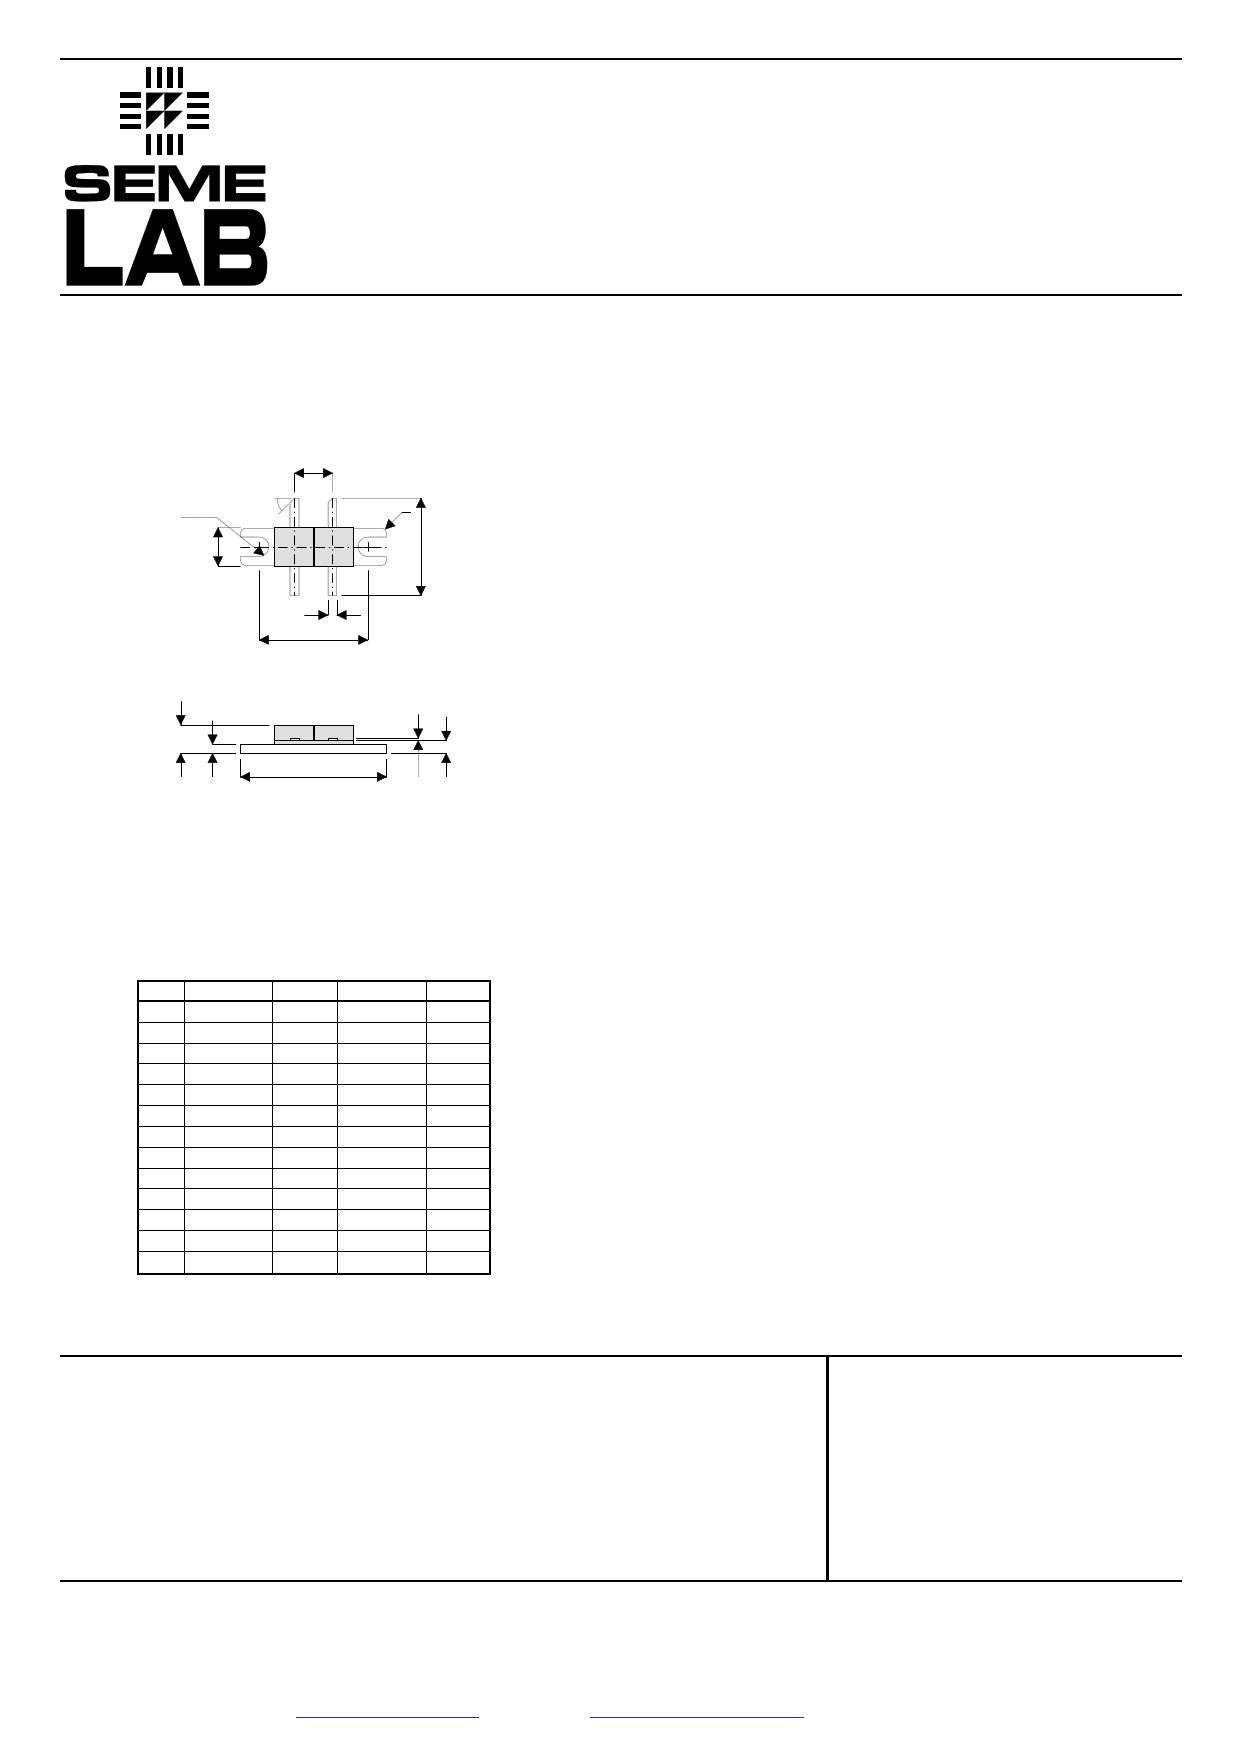 D1022 datasheet